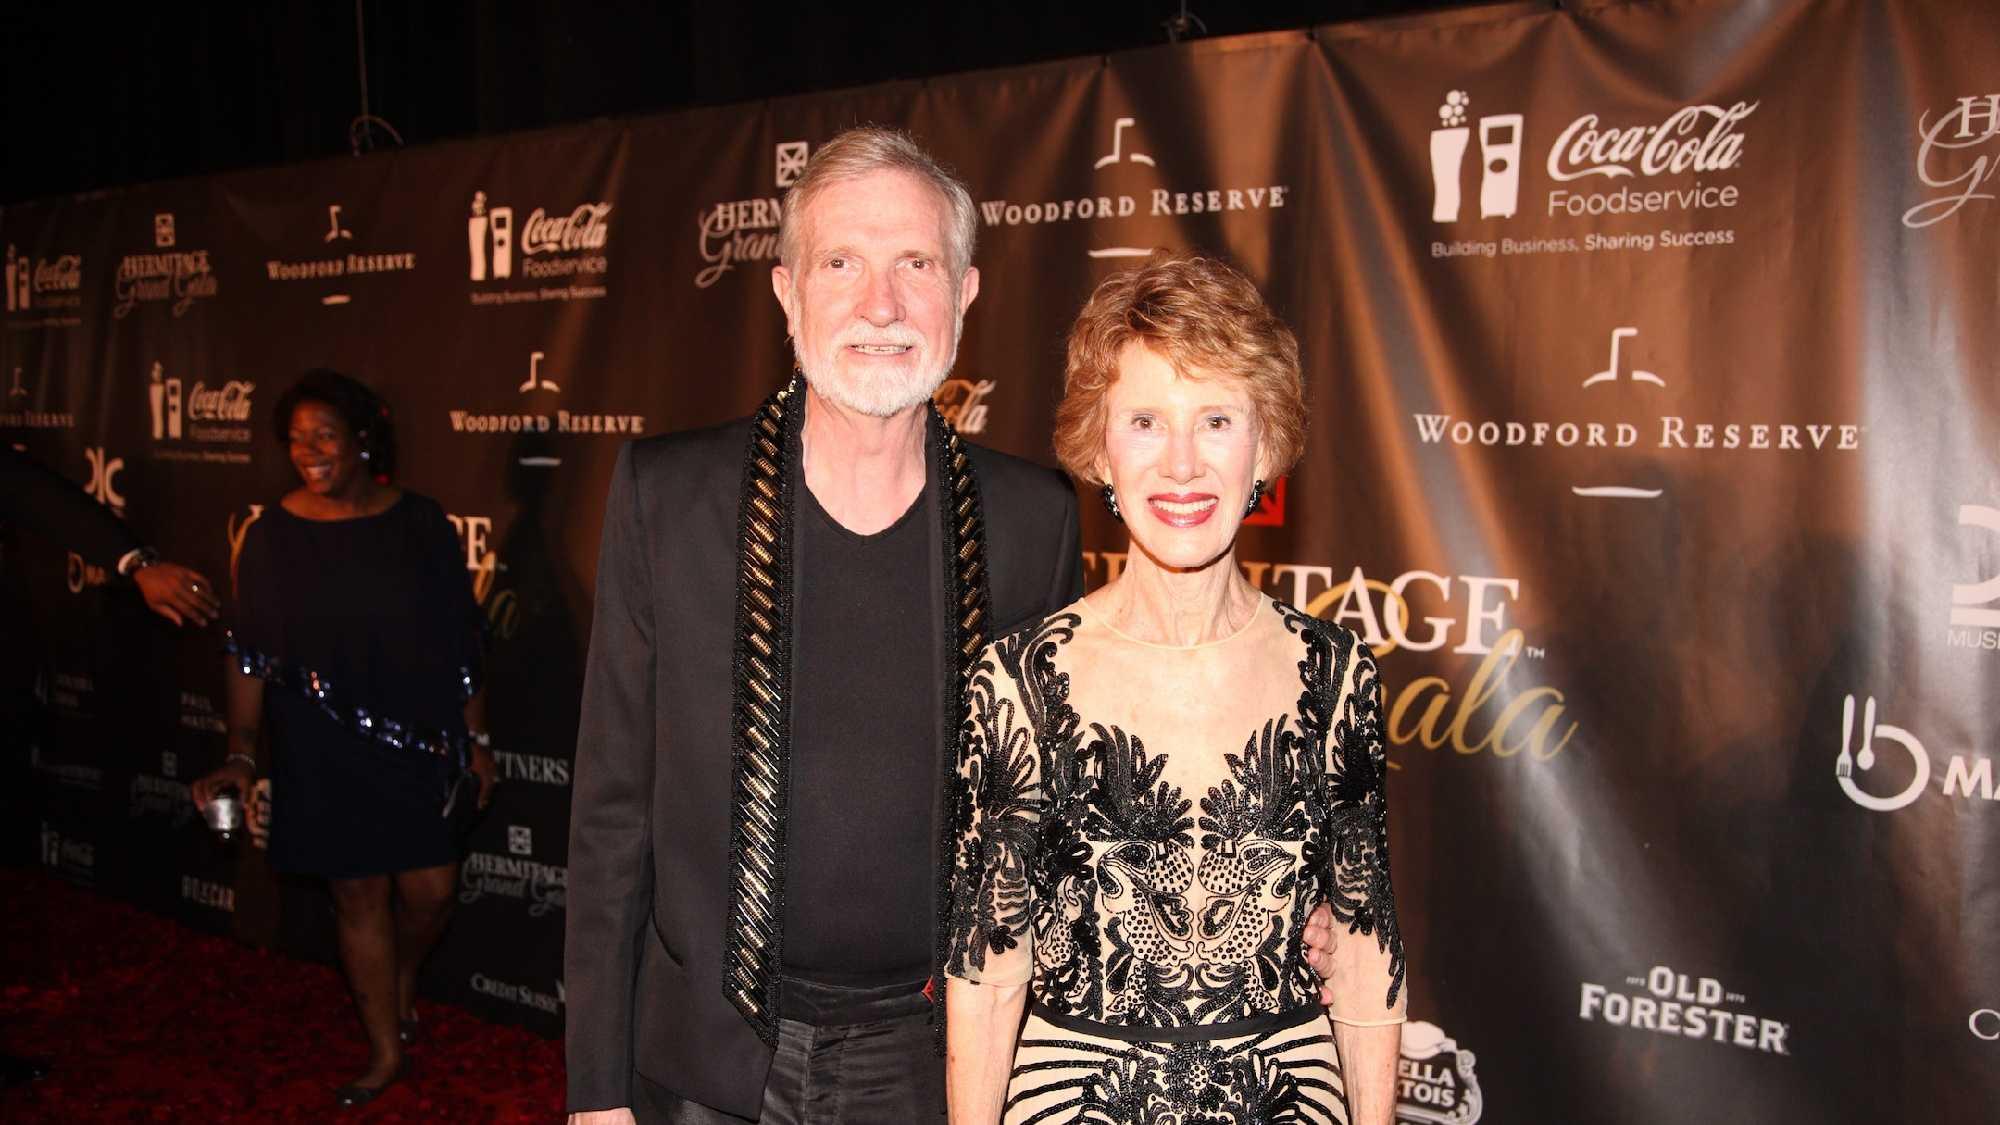 Steve Wilson and Laura Lee Brown